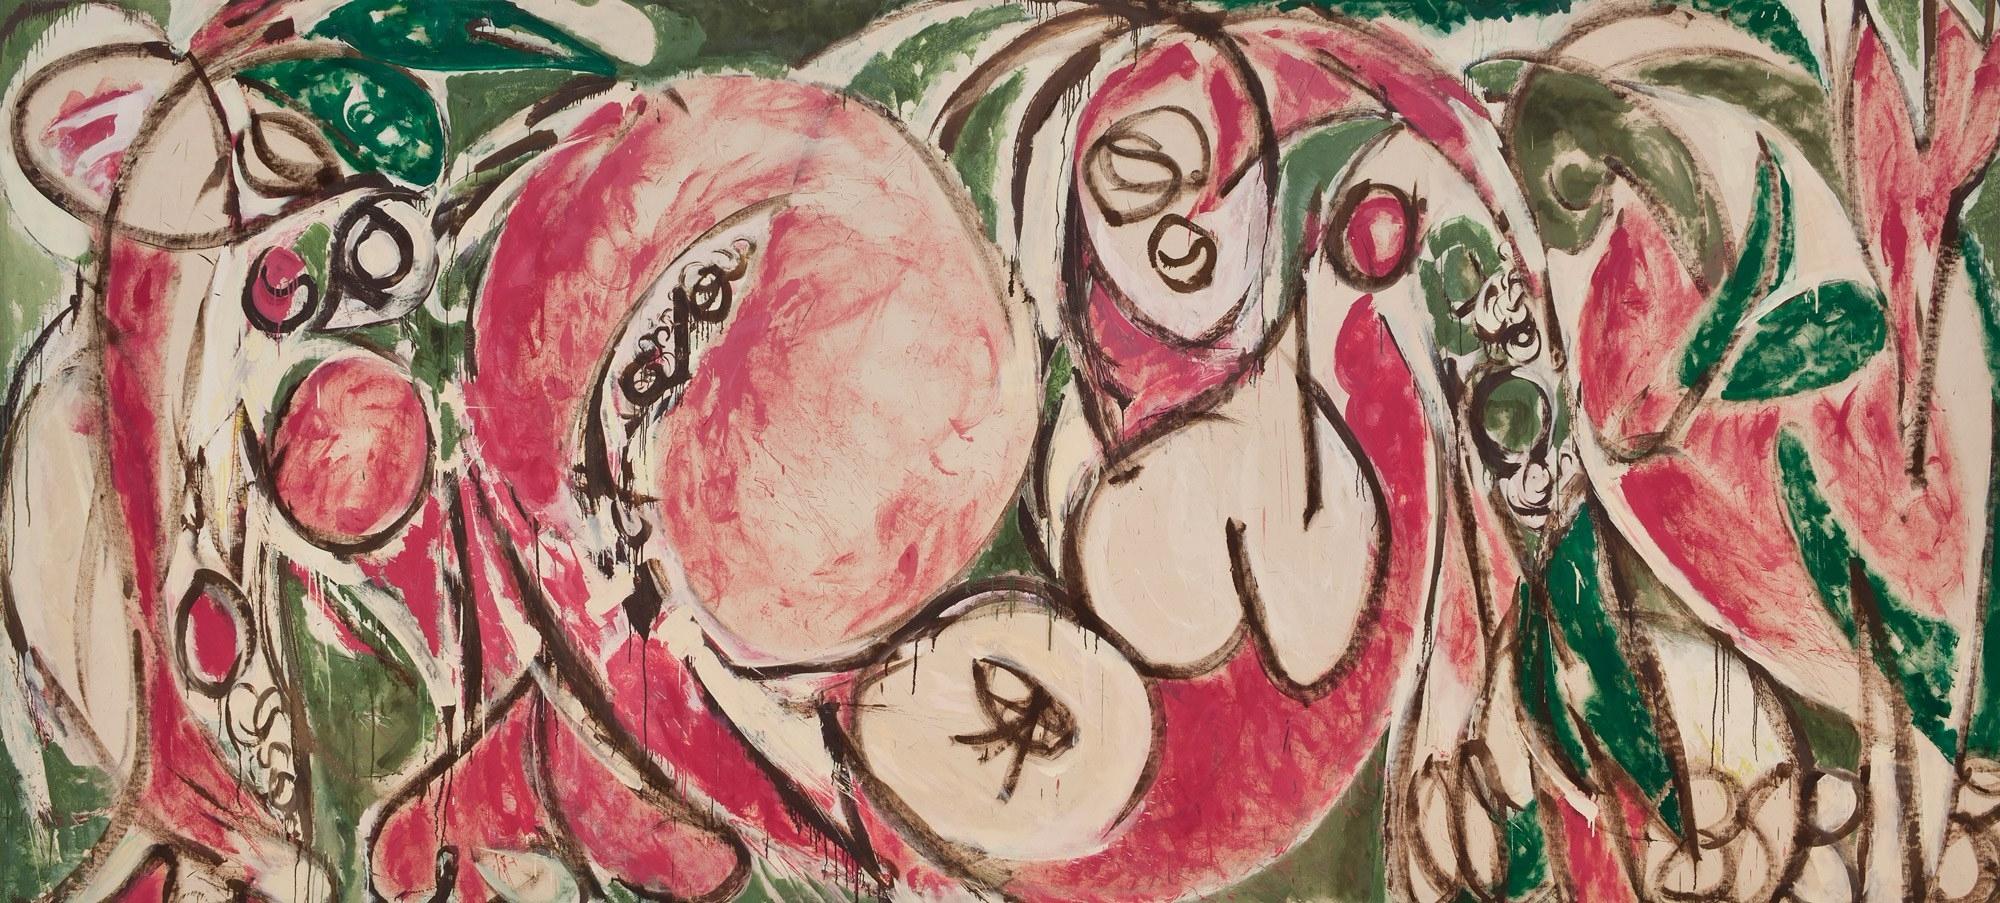 The Gilded Peach (@gildedpeachblog) Cover Image